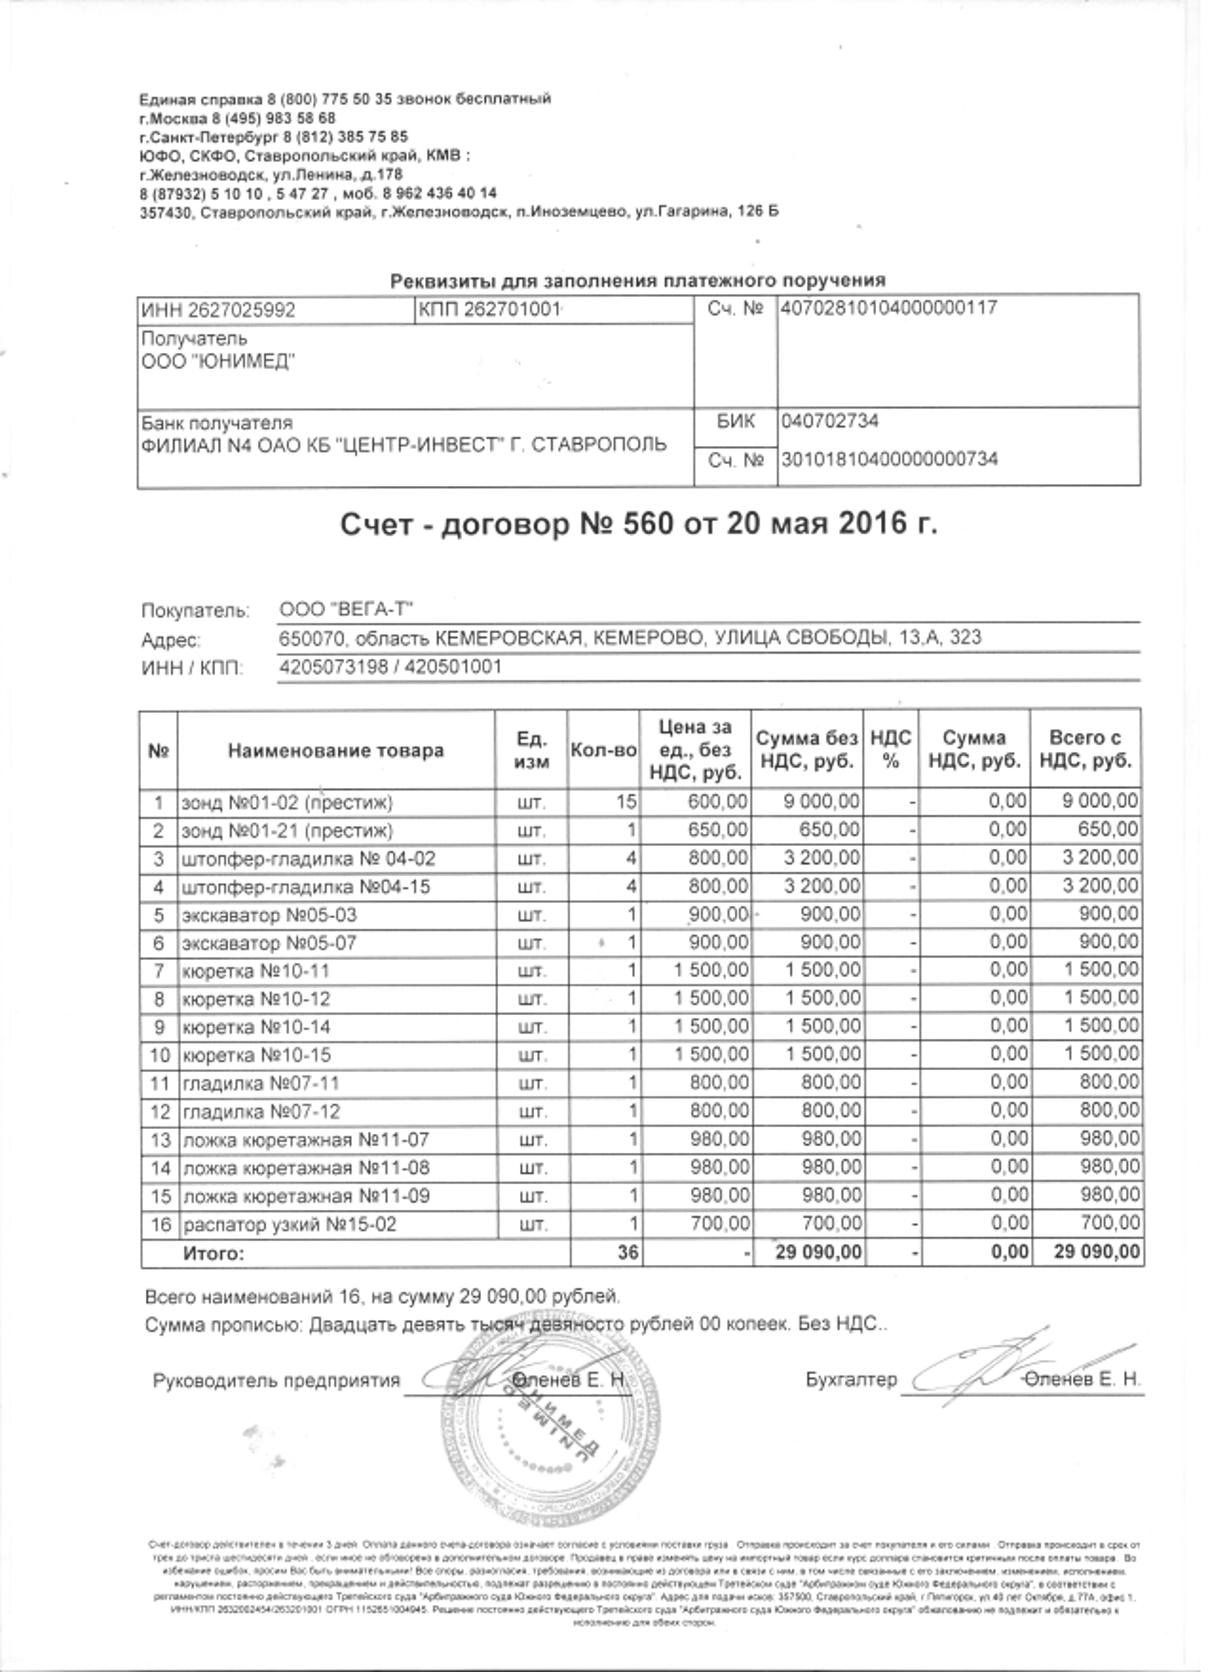 Жалоба-отзыв: Юнимед - Оленев Егор Николаевич - организатор мошеннической схемы.  Фото №1